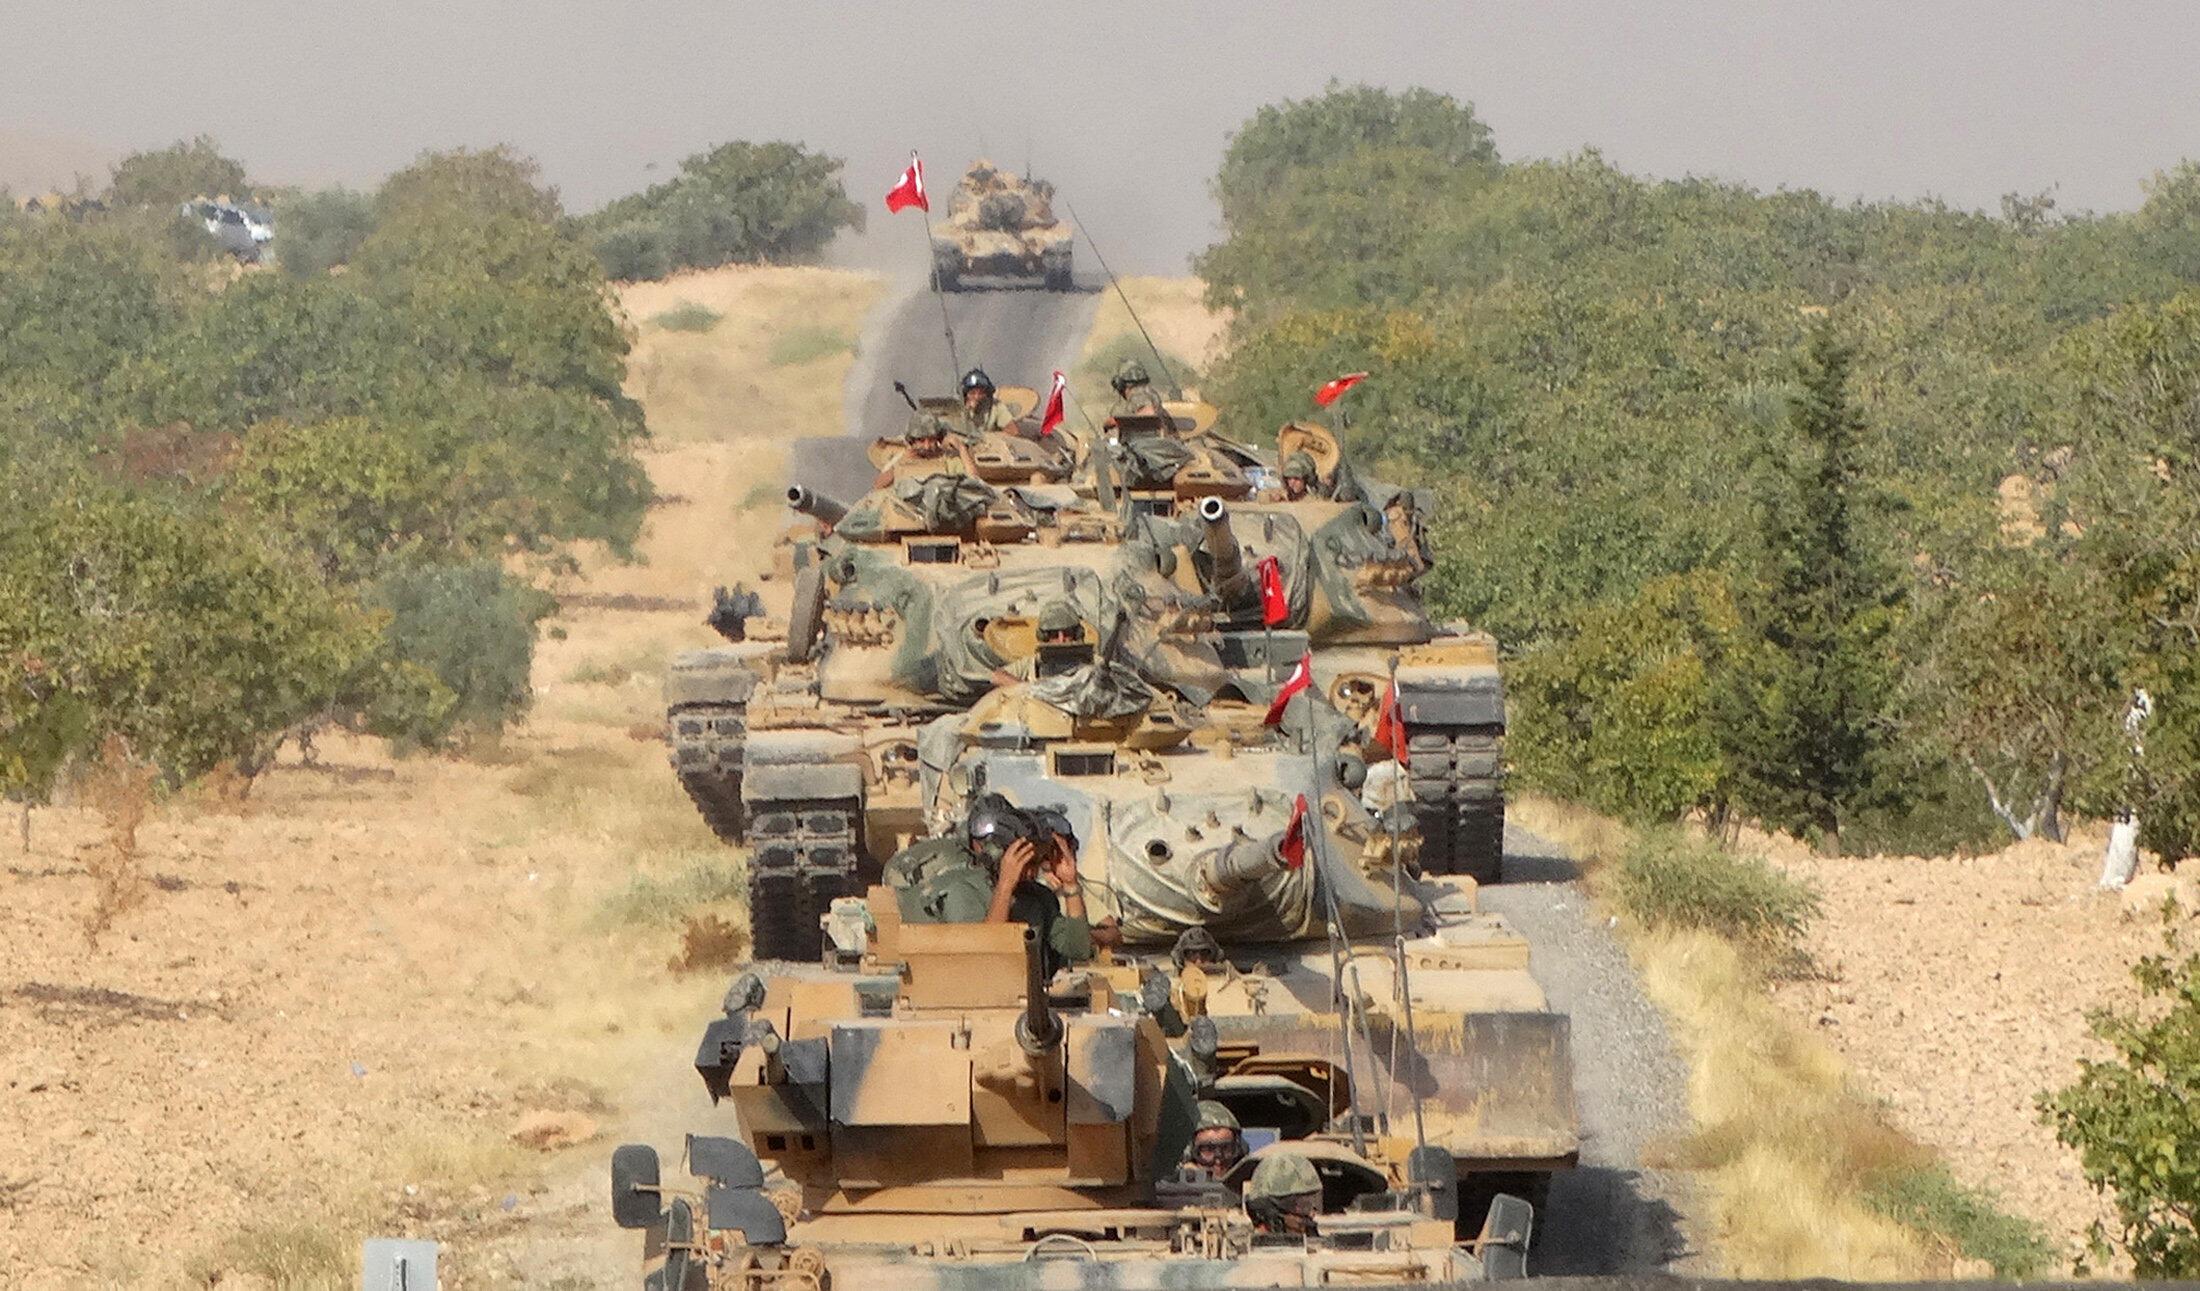 Đoàn xe tăng của quân đội Thổ Nhĩ Kỳ tiến vào thành phố biên giới với Syria Jarablus ngày 24/08/2016.